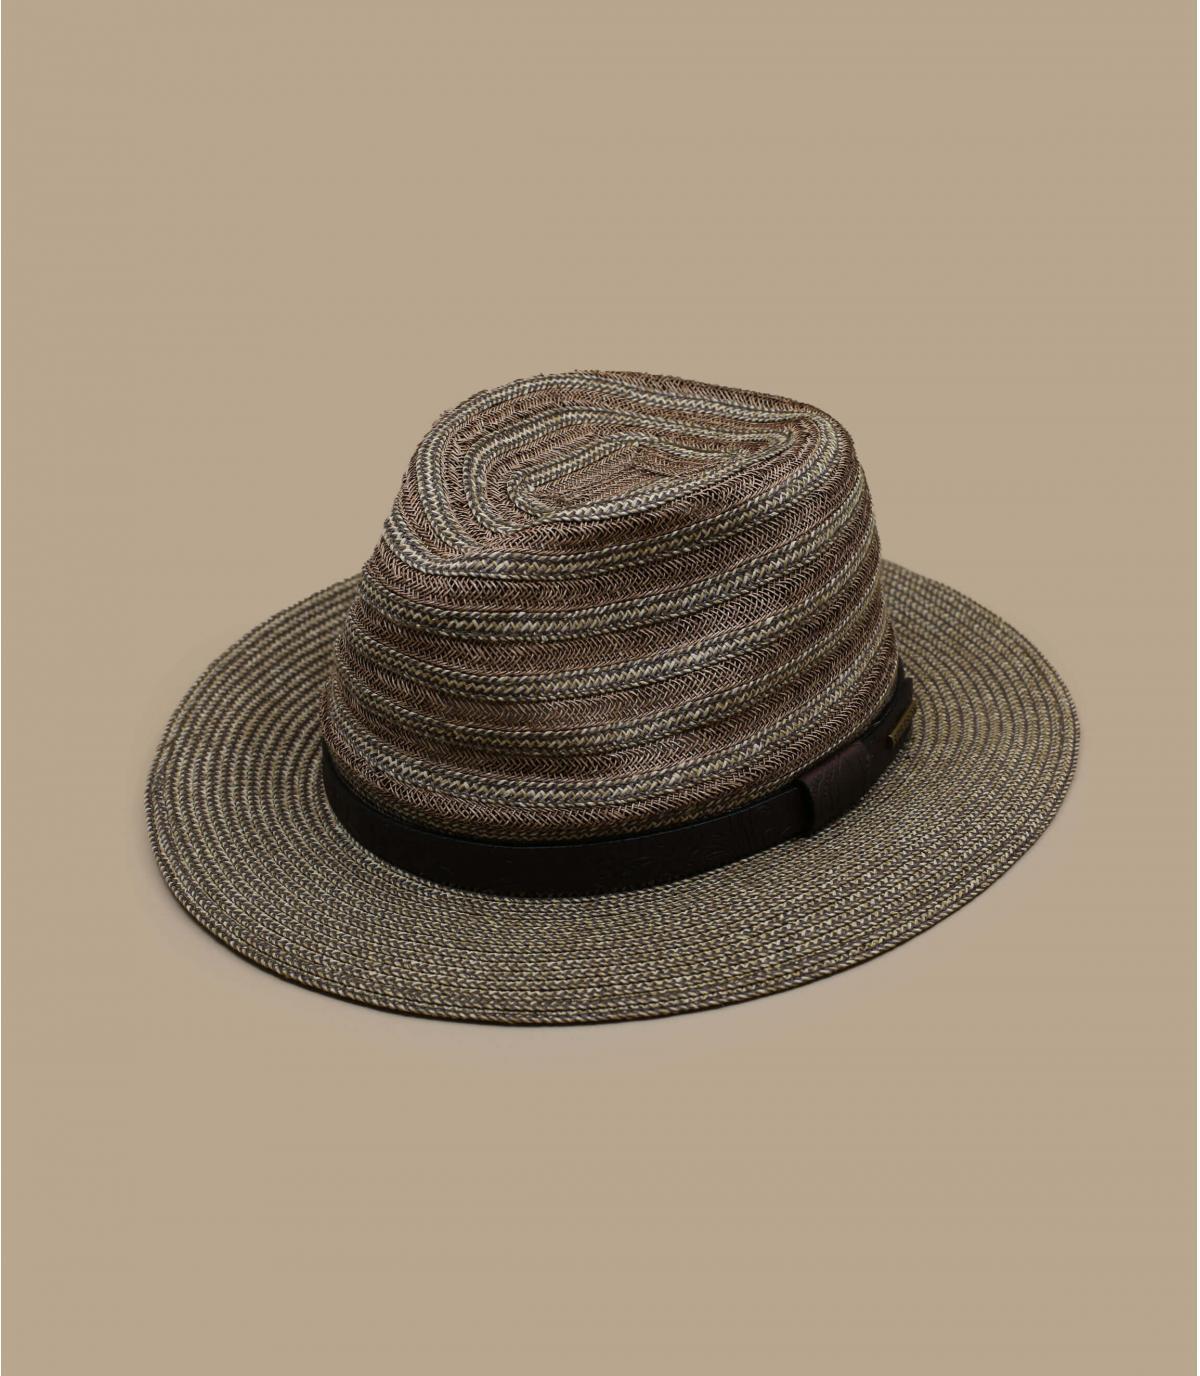 Dettagli Traveller Toyo brown beige - image 2